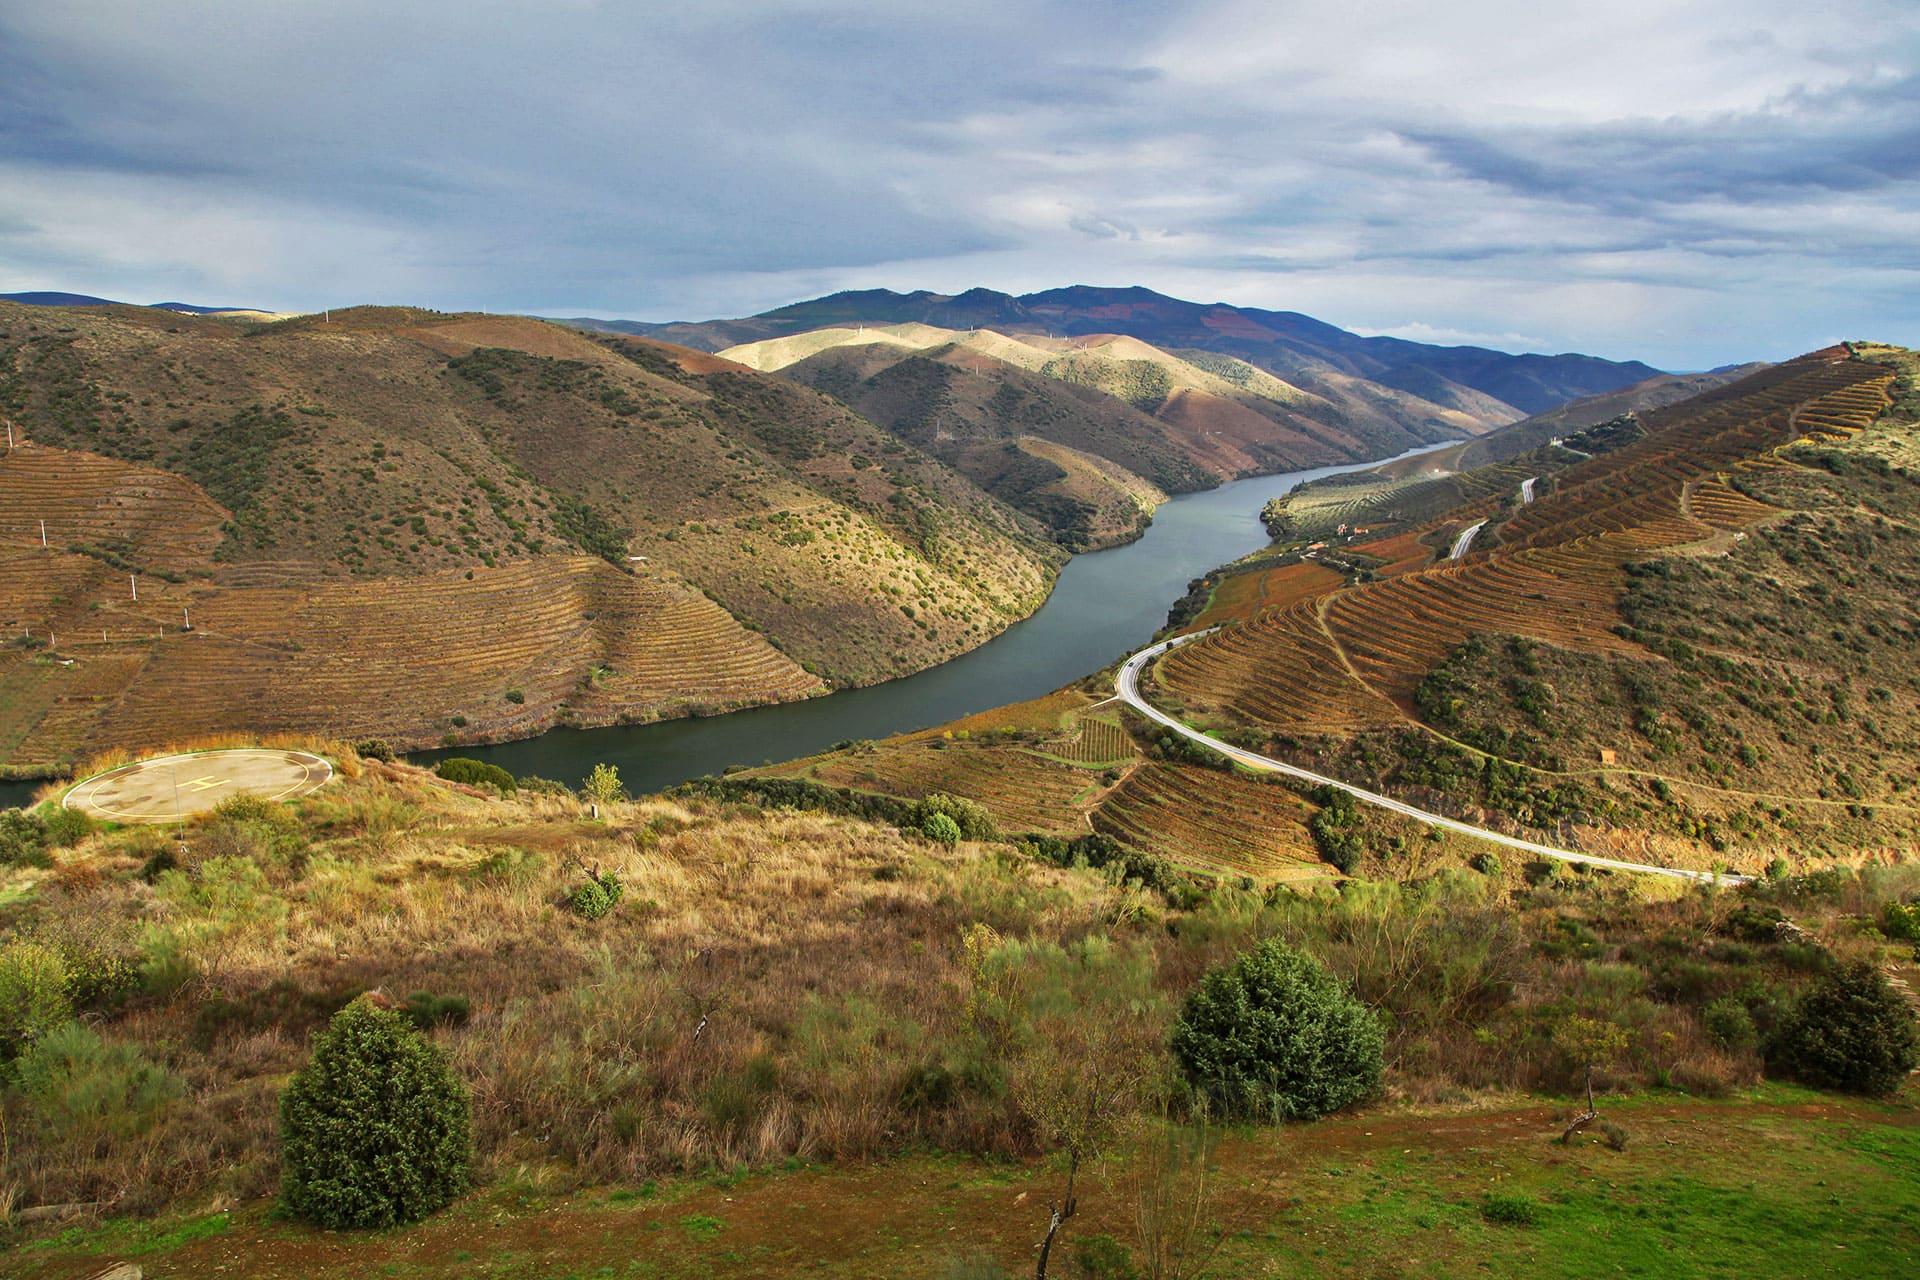 coa-valley